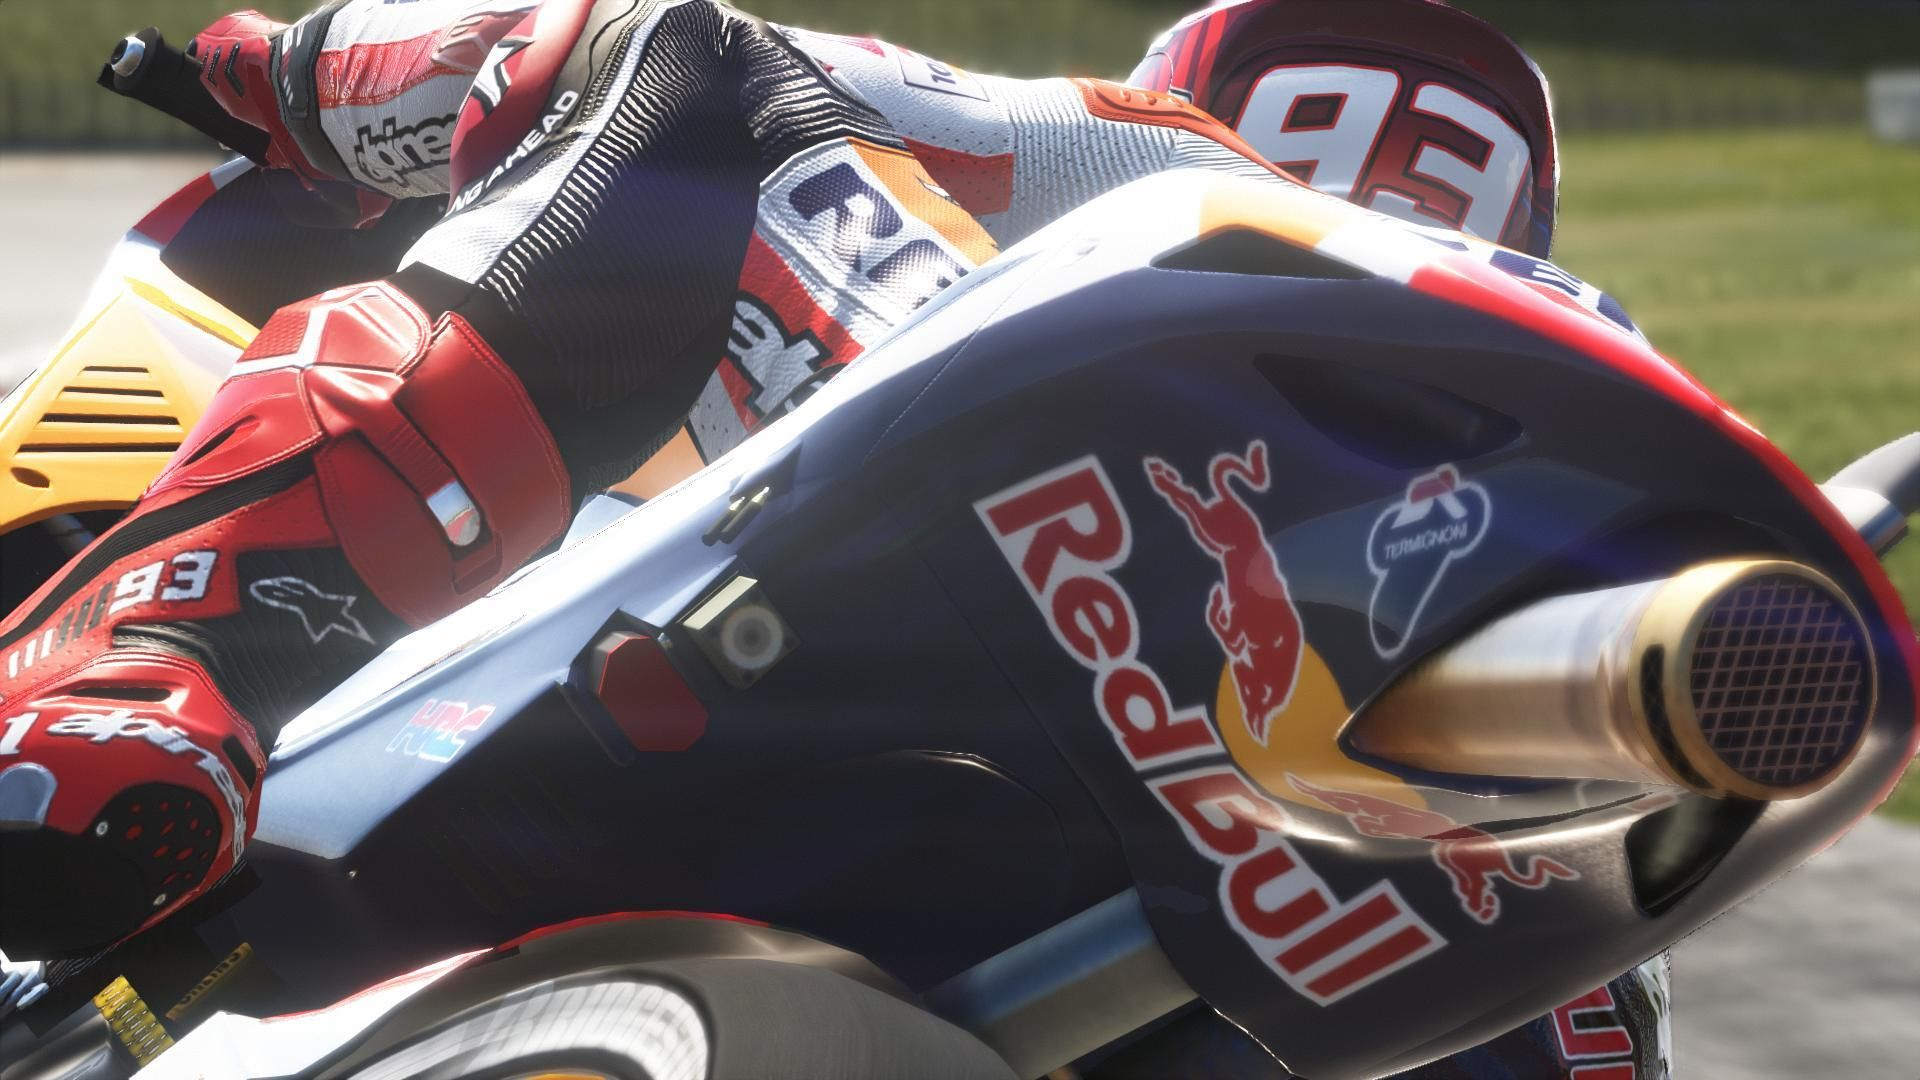 MotoGP 15 (PC) - 3